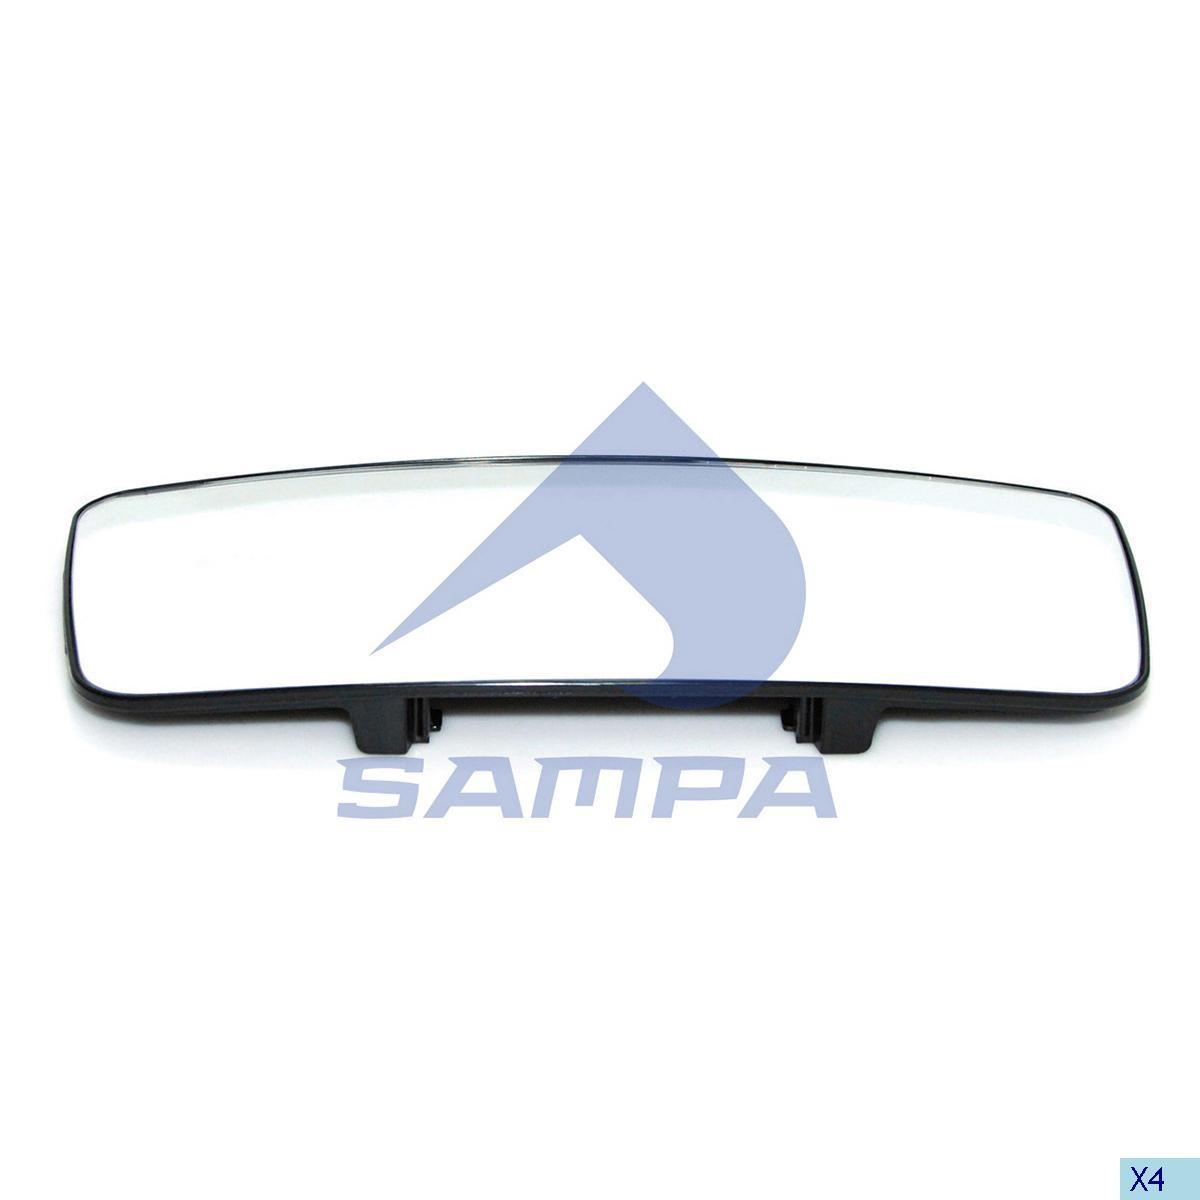 Стекло зеркала Volvo FH12 (435х200) с подогревом 2002-2007-E5 photo